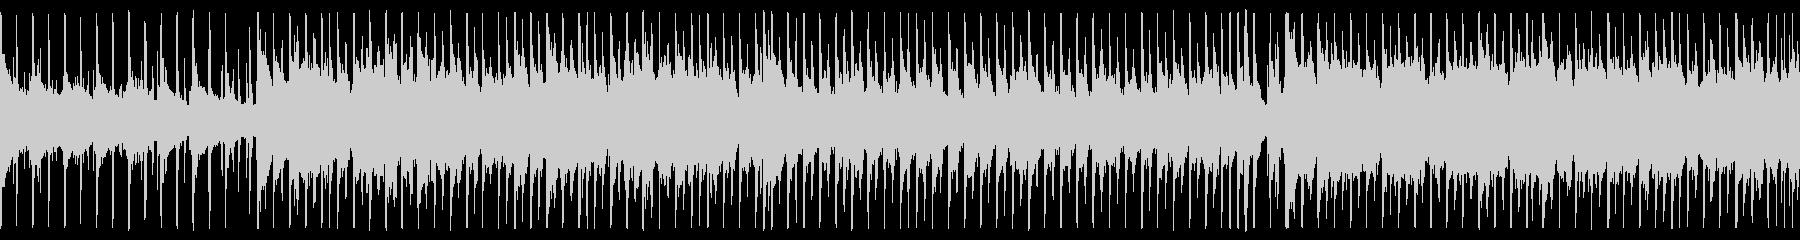 ループ済アコギがメインのカントリーPOPの未再生の波形